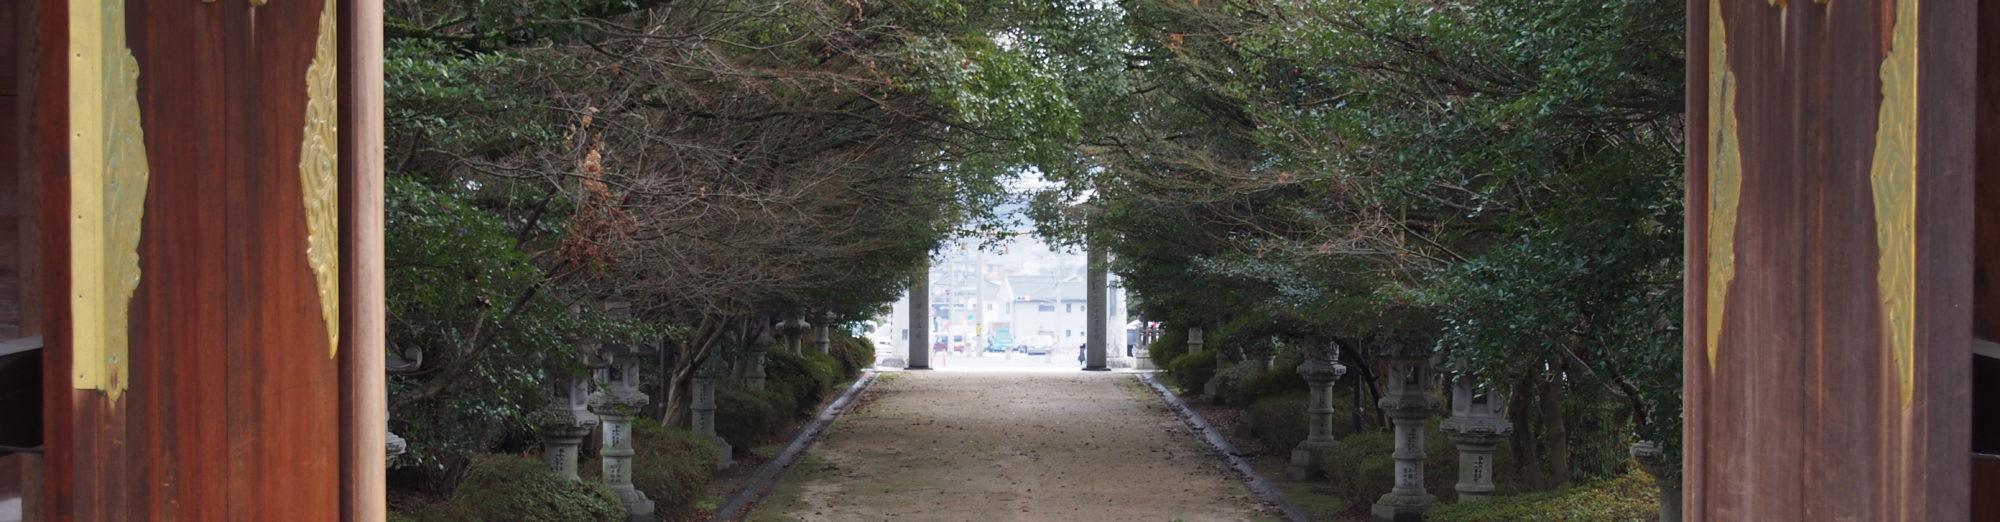 安芸合気道会 天成館 Aki-Aikido-kai TENSEIKAN